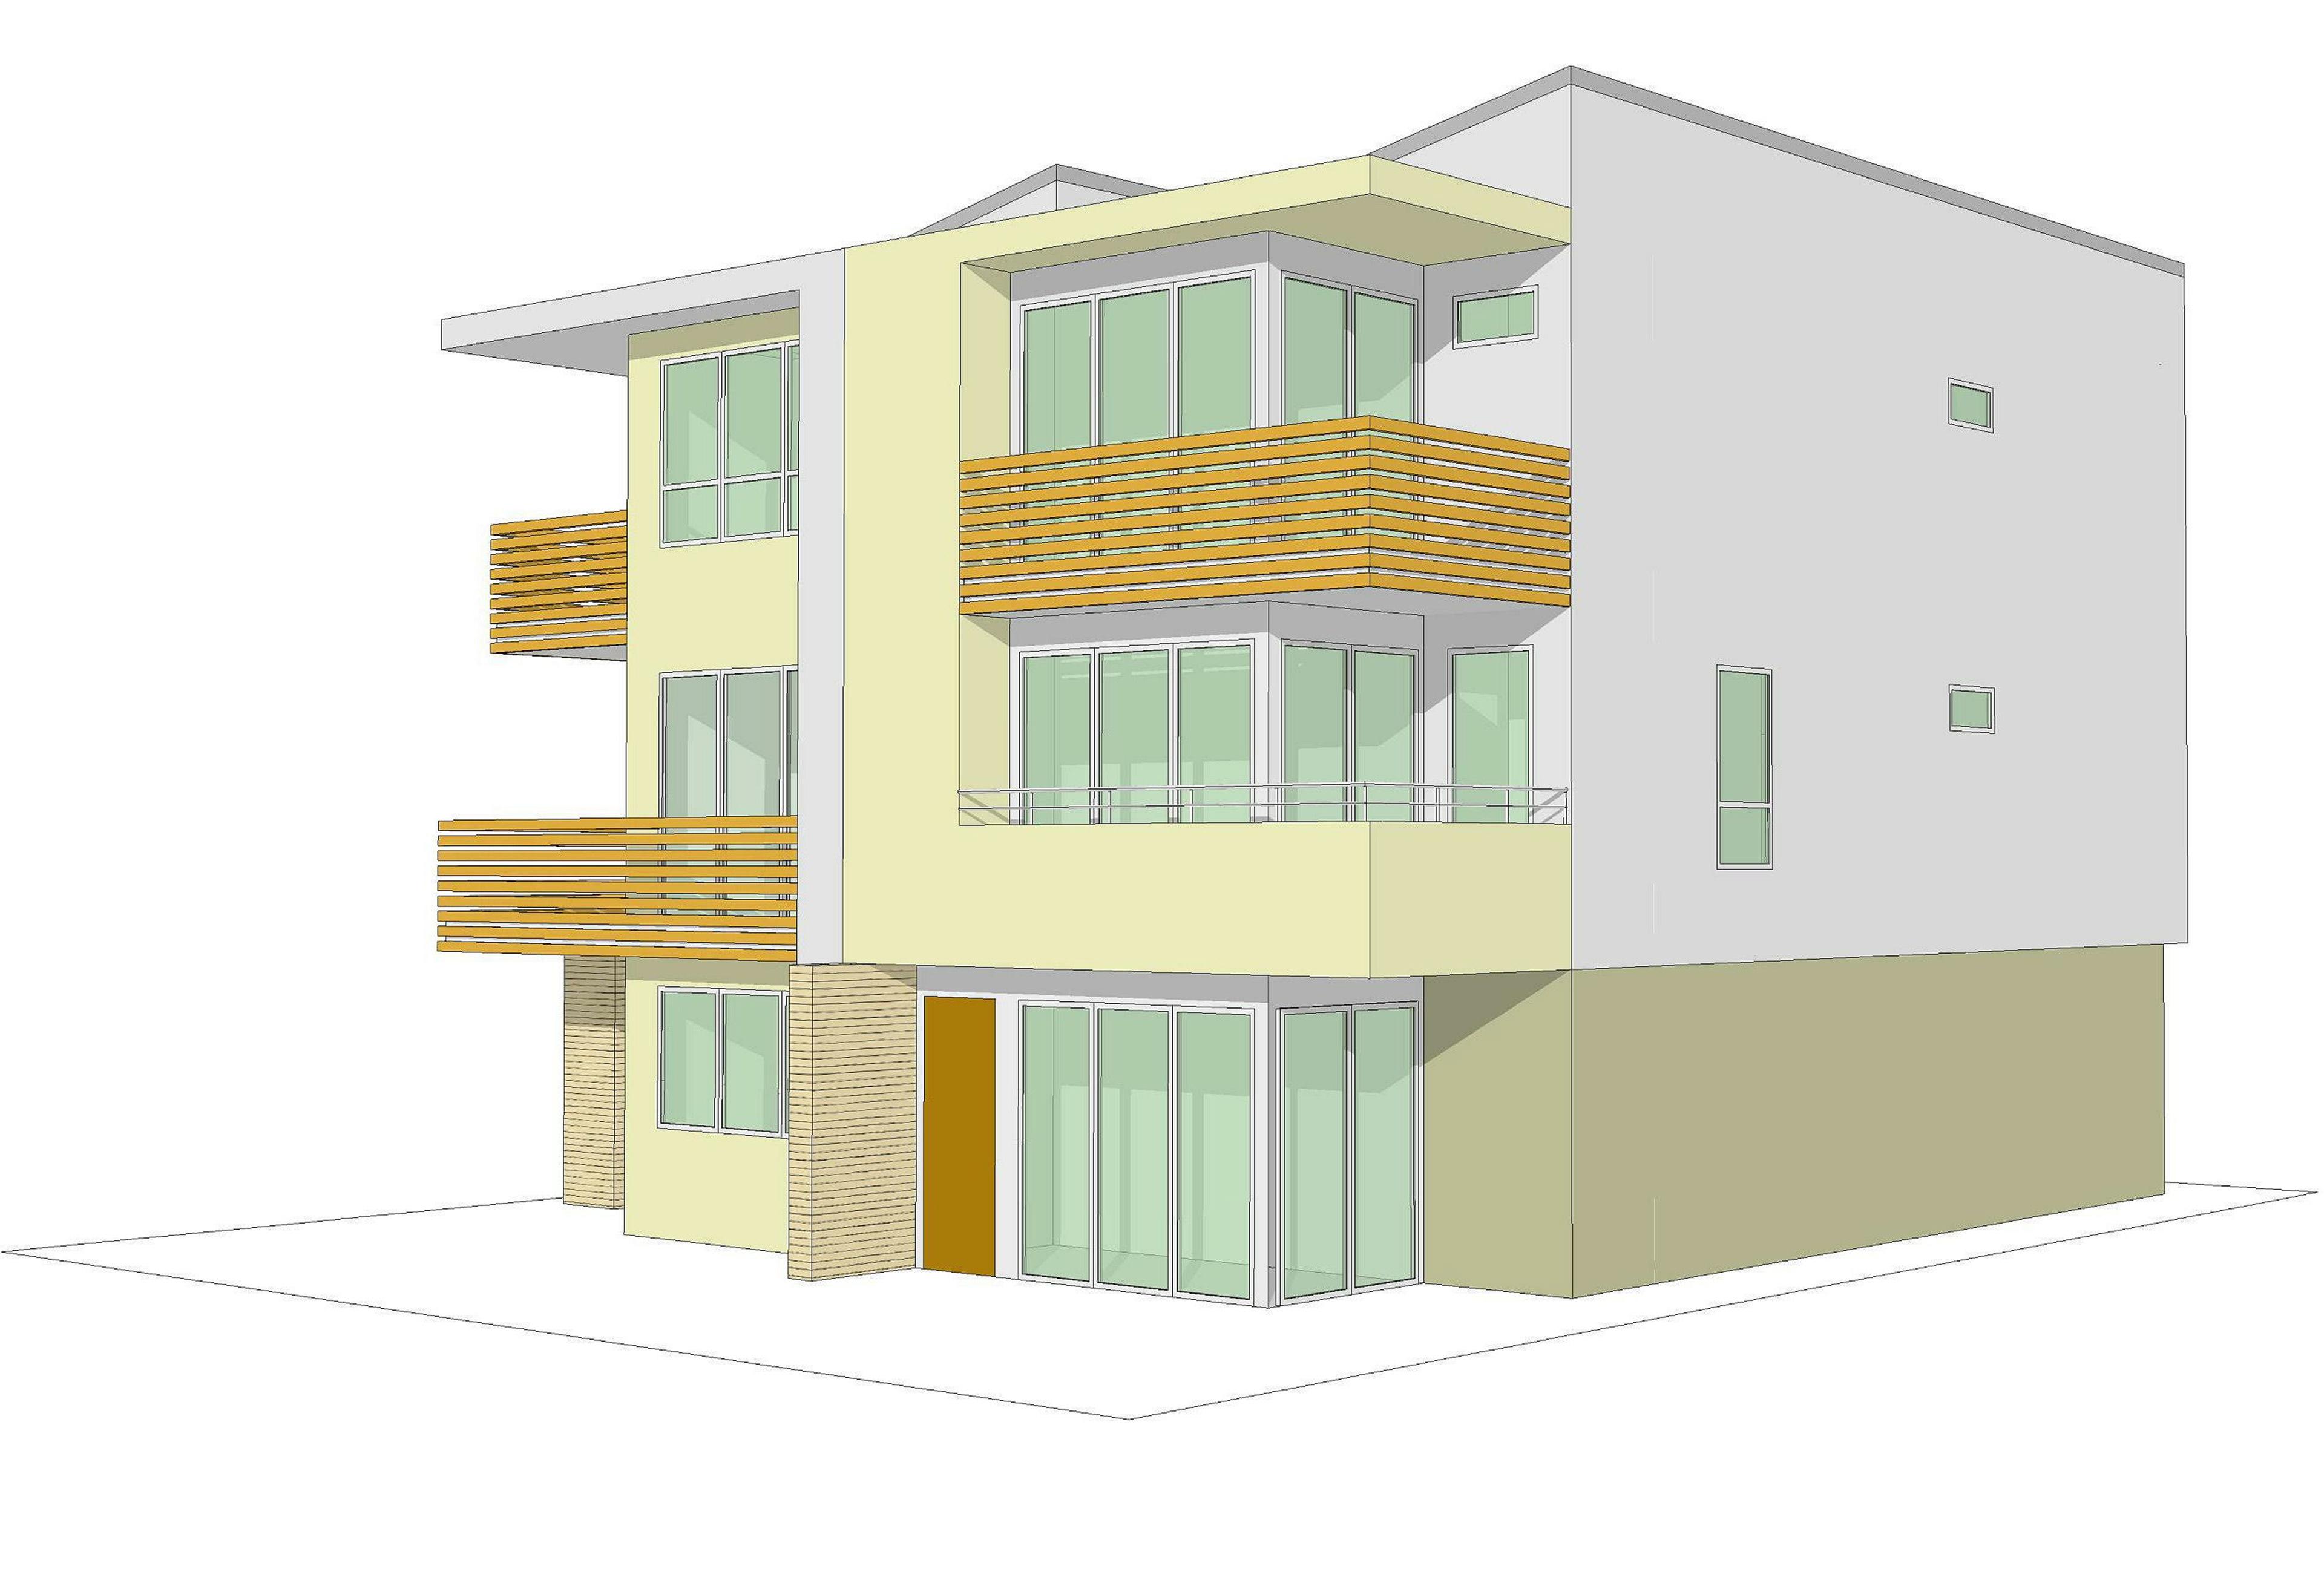 Houseboat Homes Alameda Ca - 0425